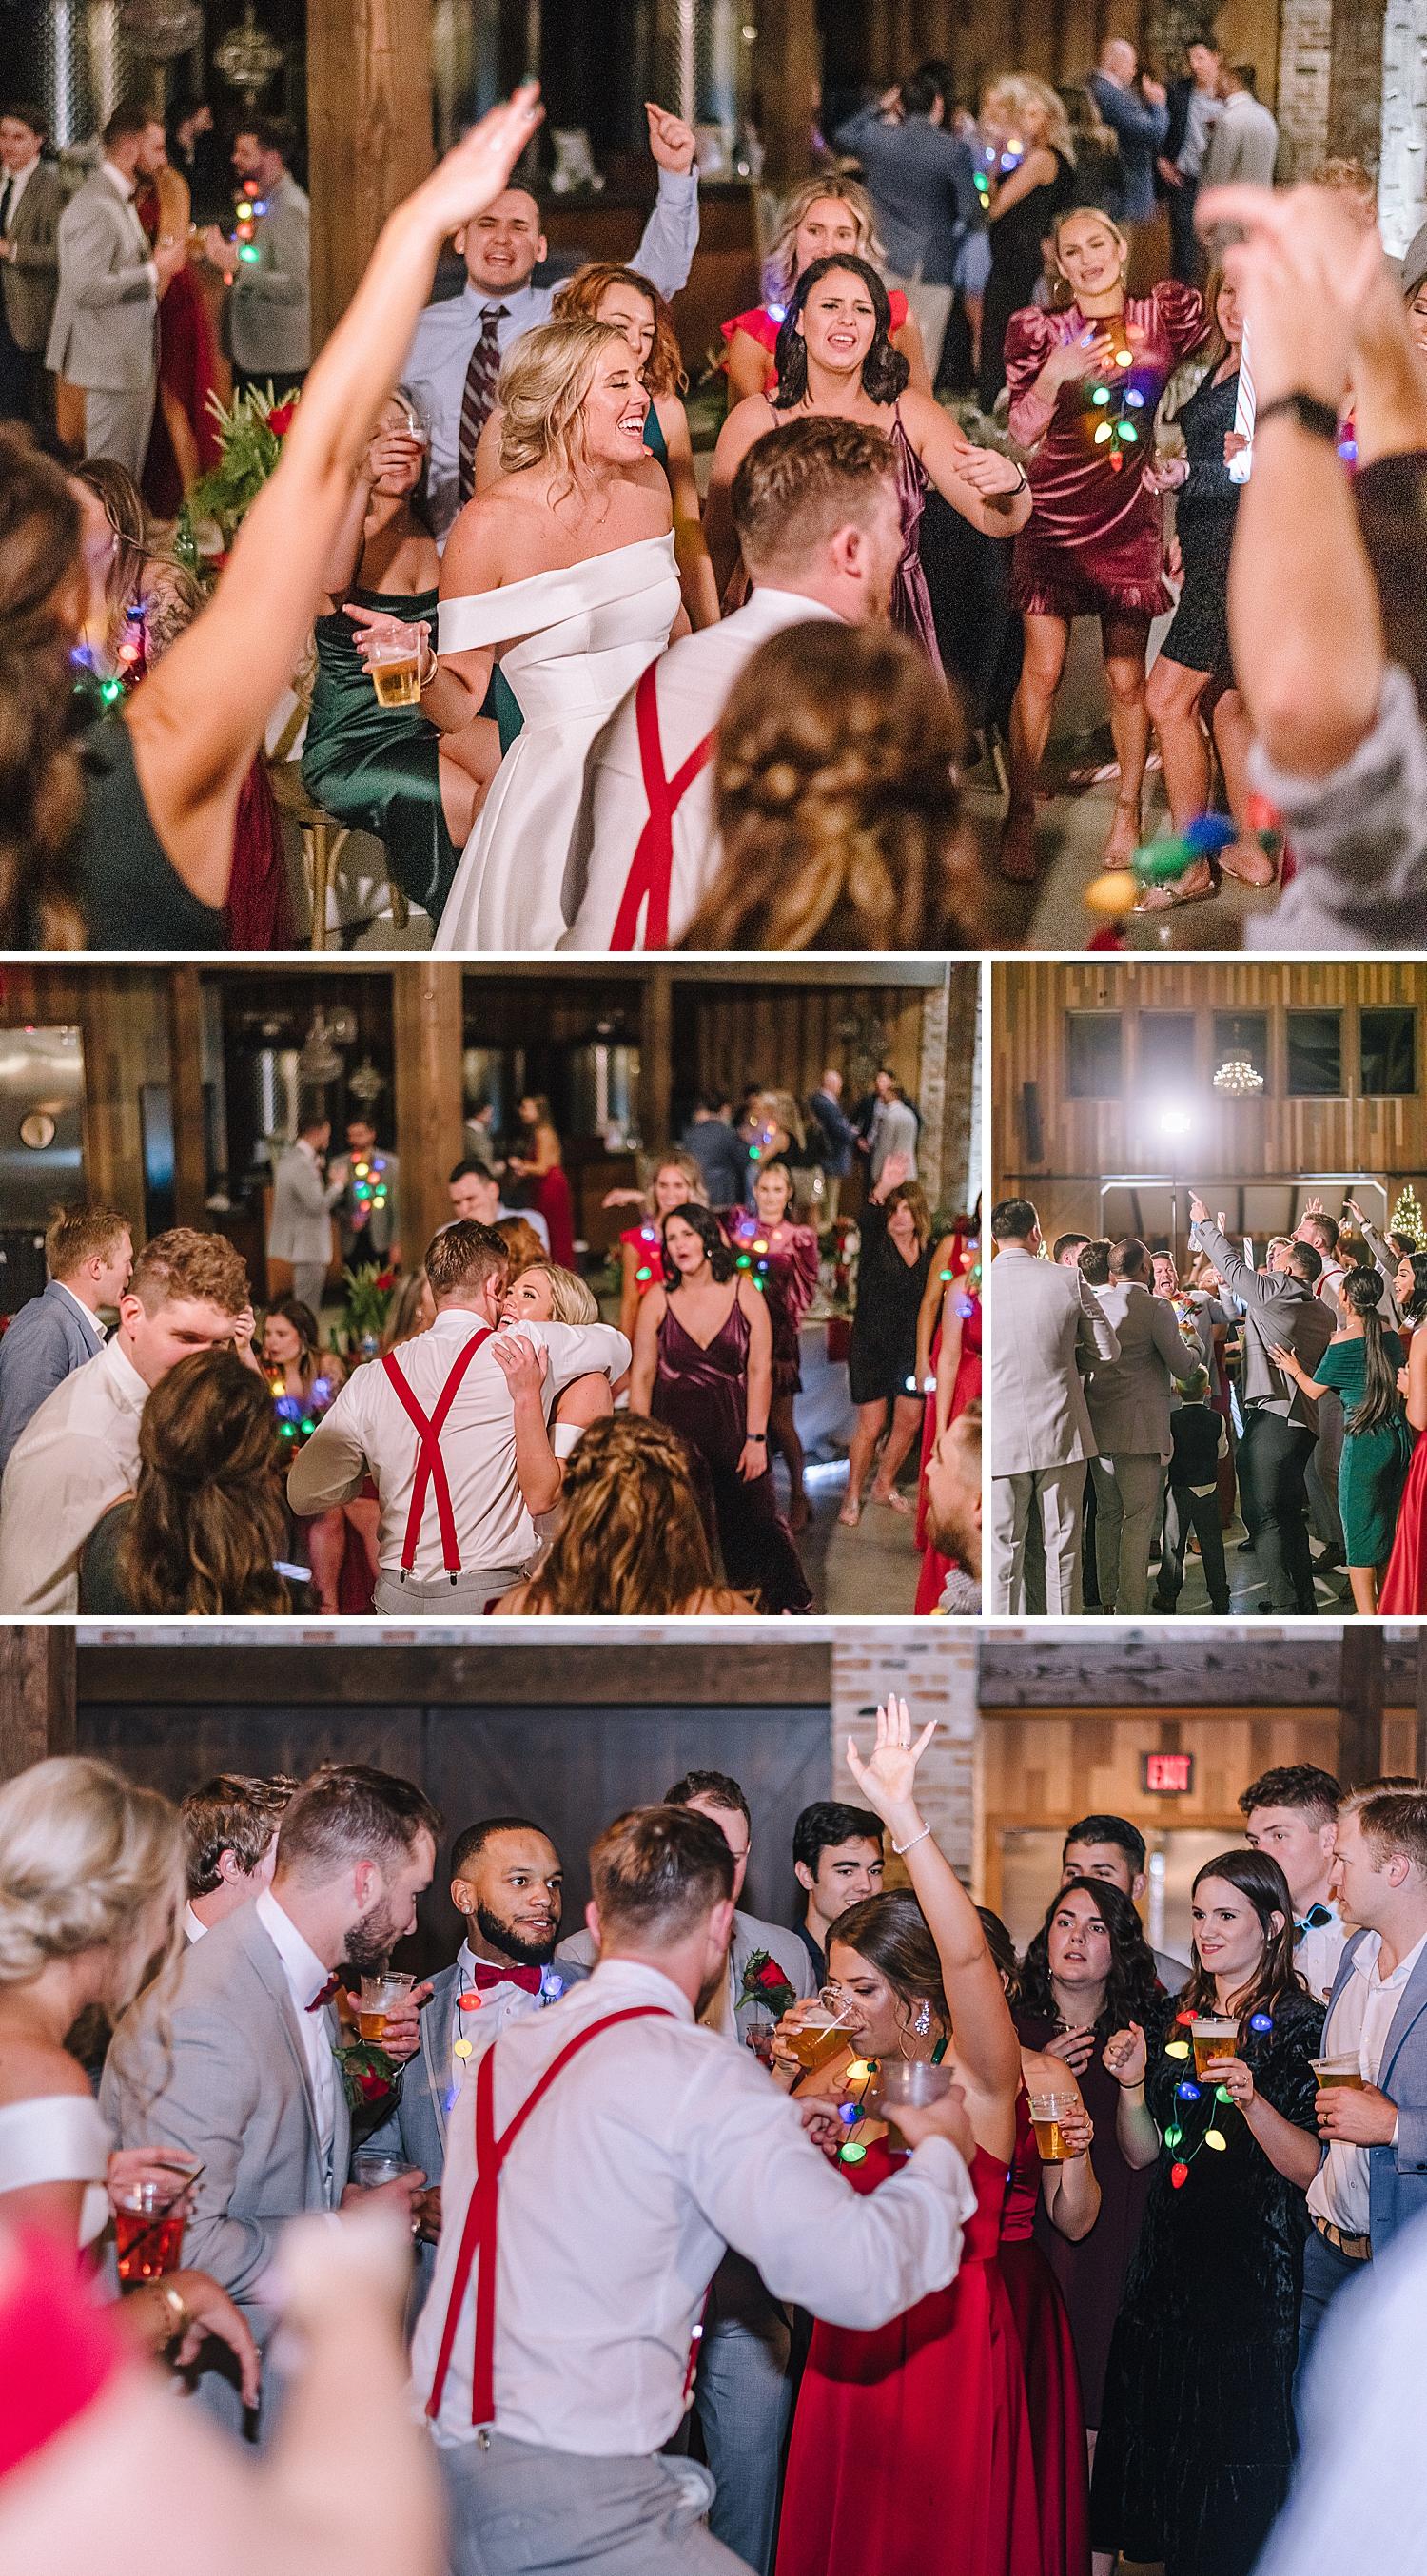 College-Station-Aggie-Wedding-The-Weinberg-at-Wixon-Valley-Christmas-Hallmark-Wedding_0110.jpg